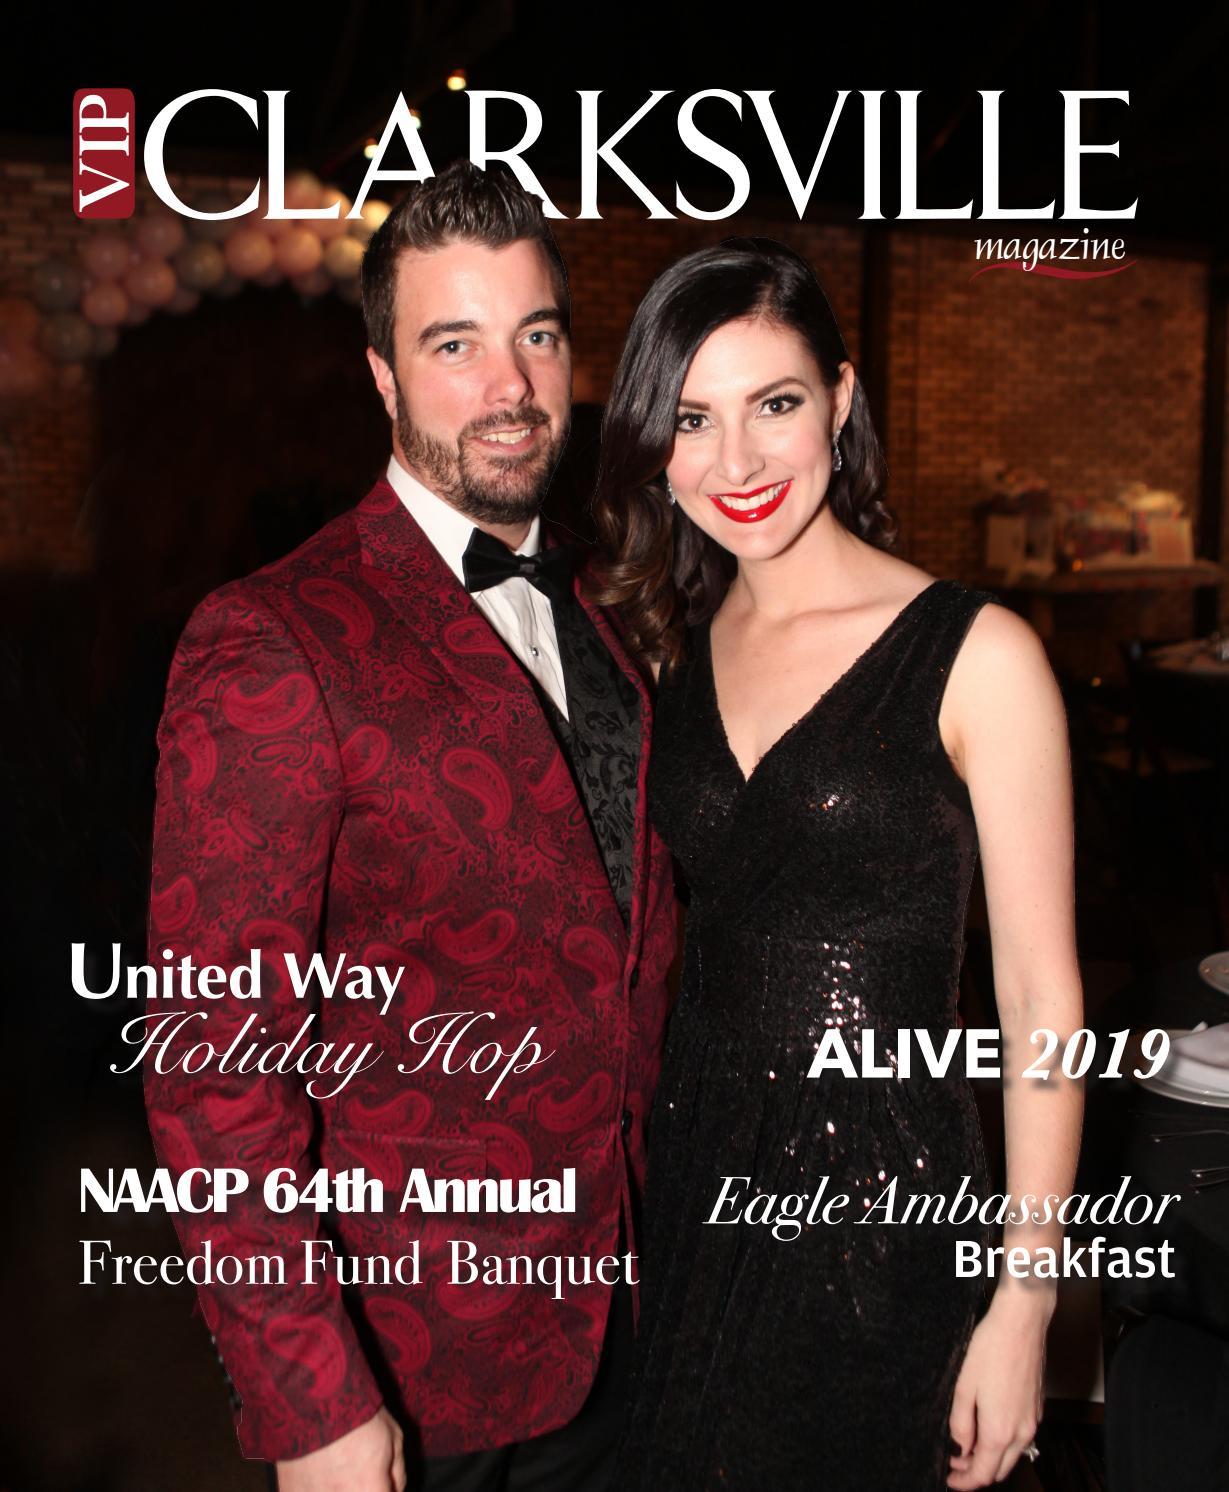 Vip Clarksville Magazine Winter 2019 20 By Vip Clarksville